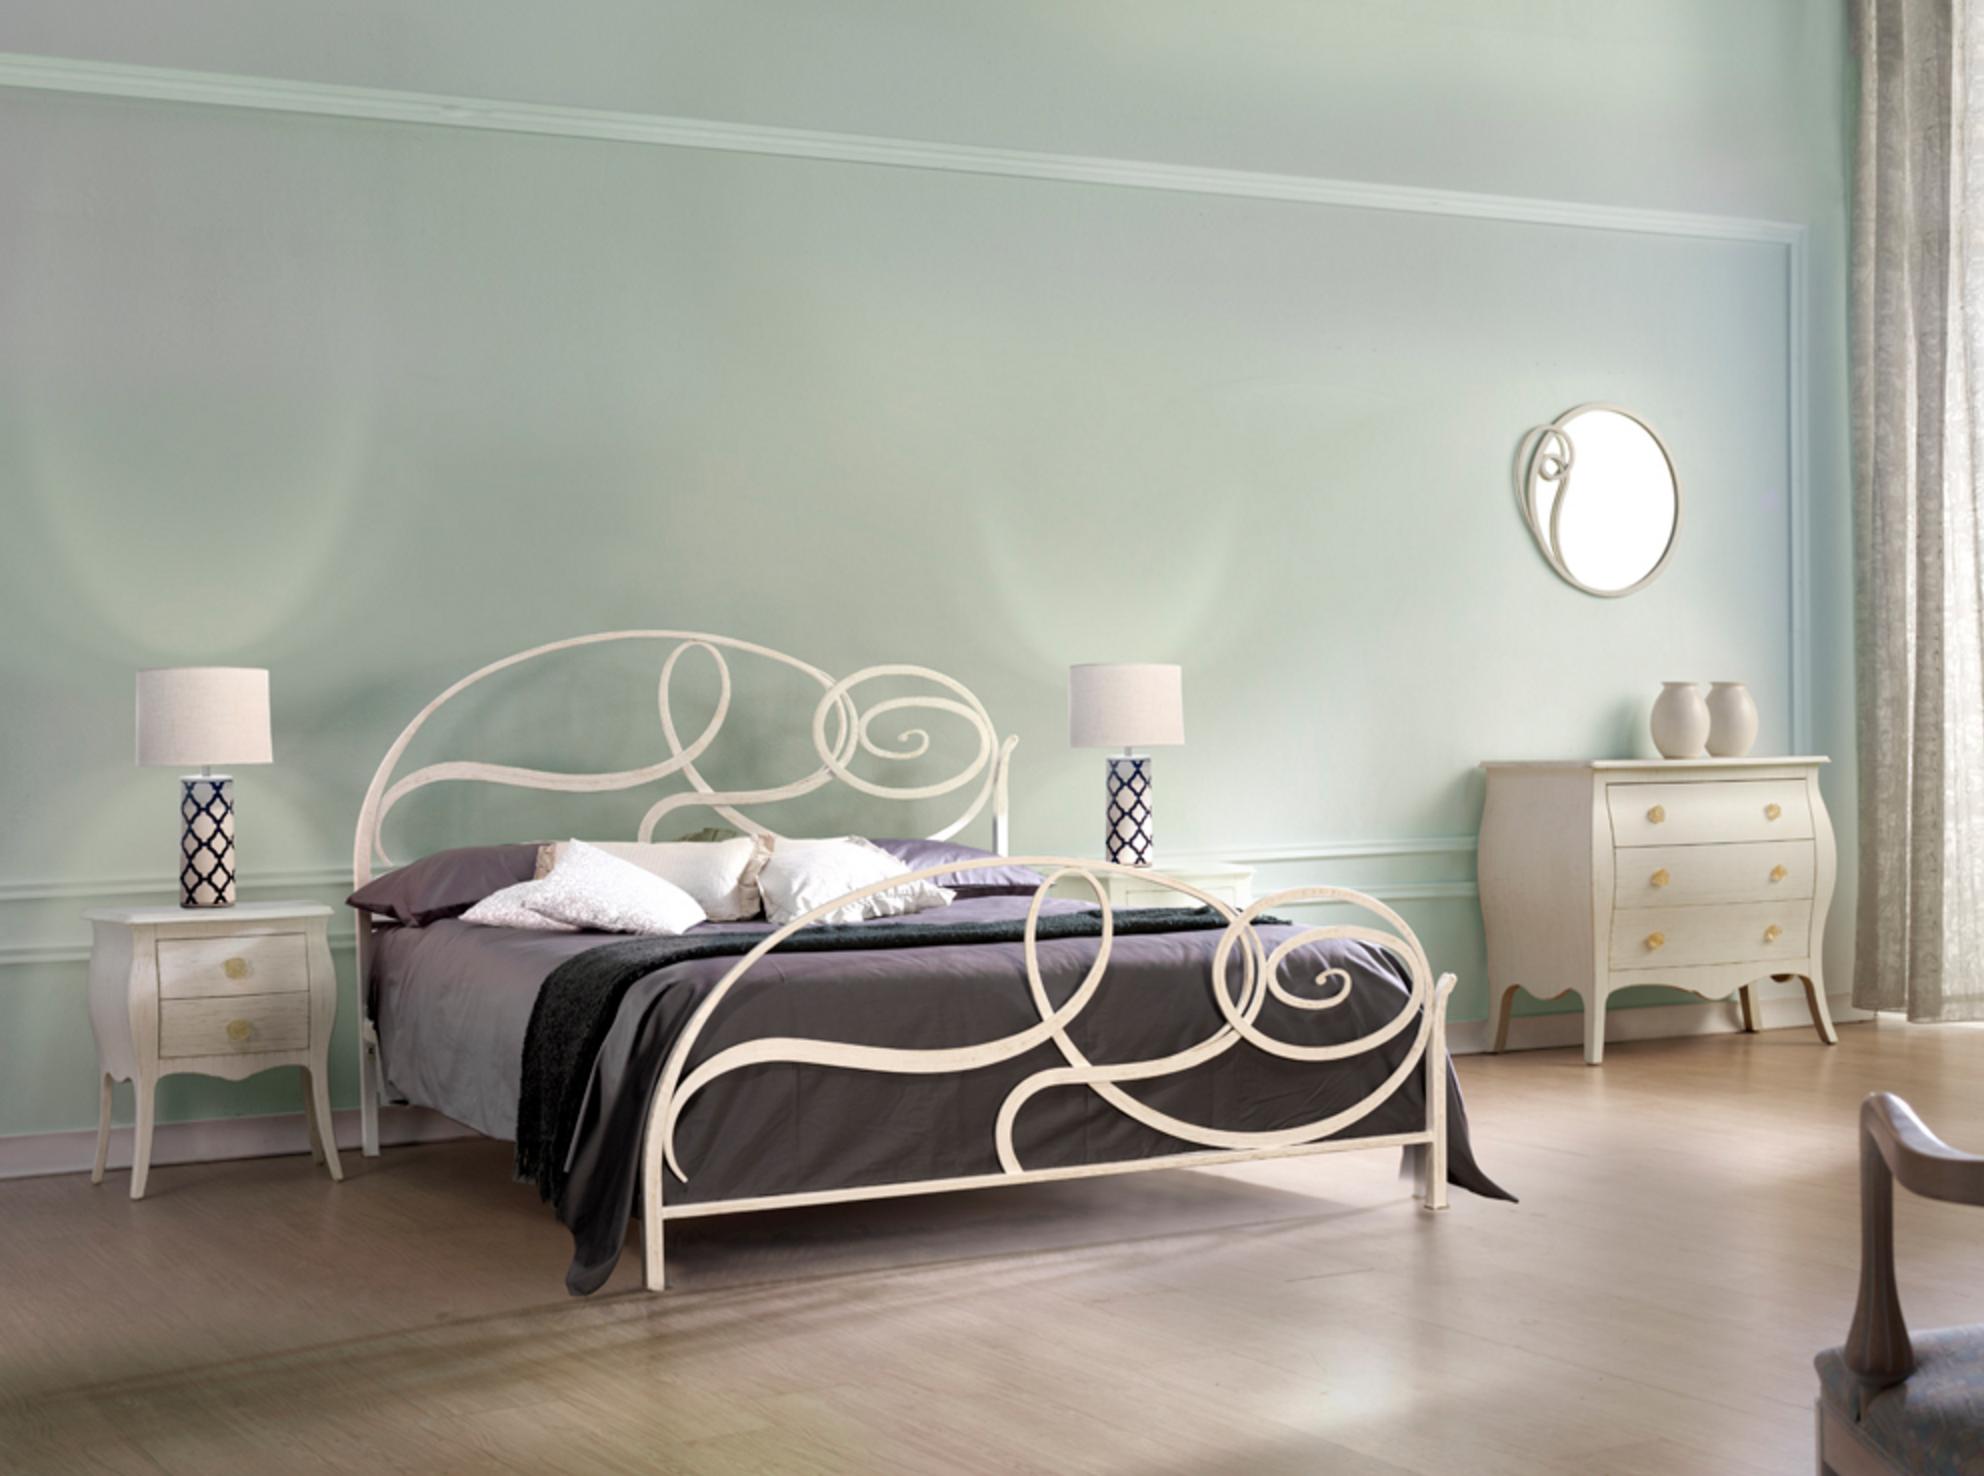 Mobilificio comin tipologie camere - Camere con letto in ferro battuto ...